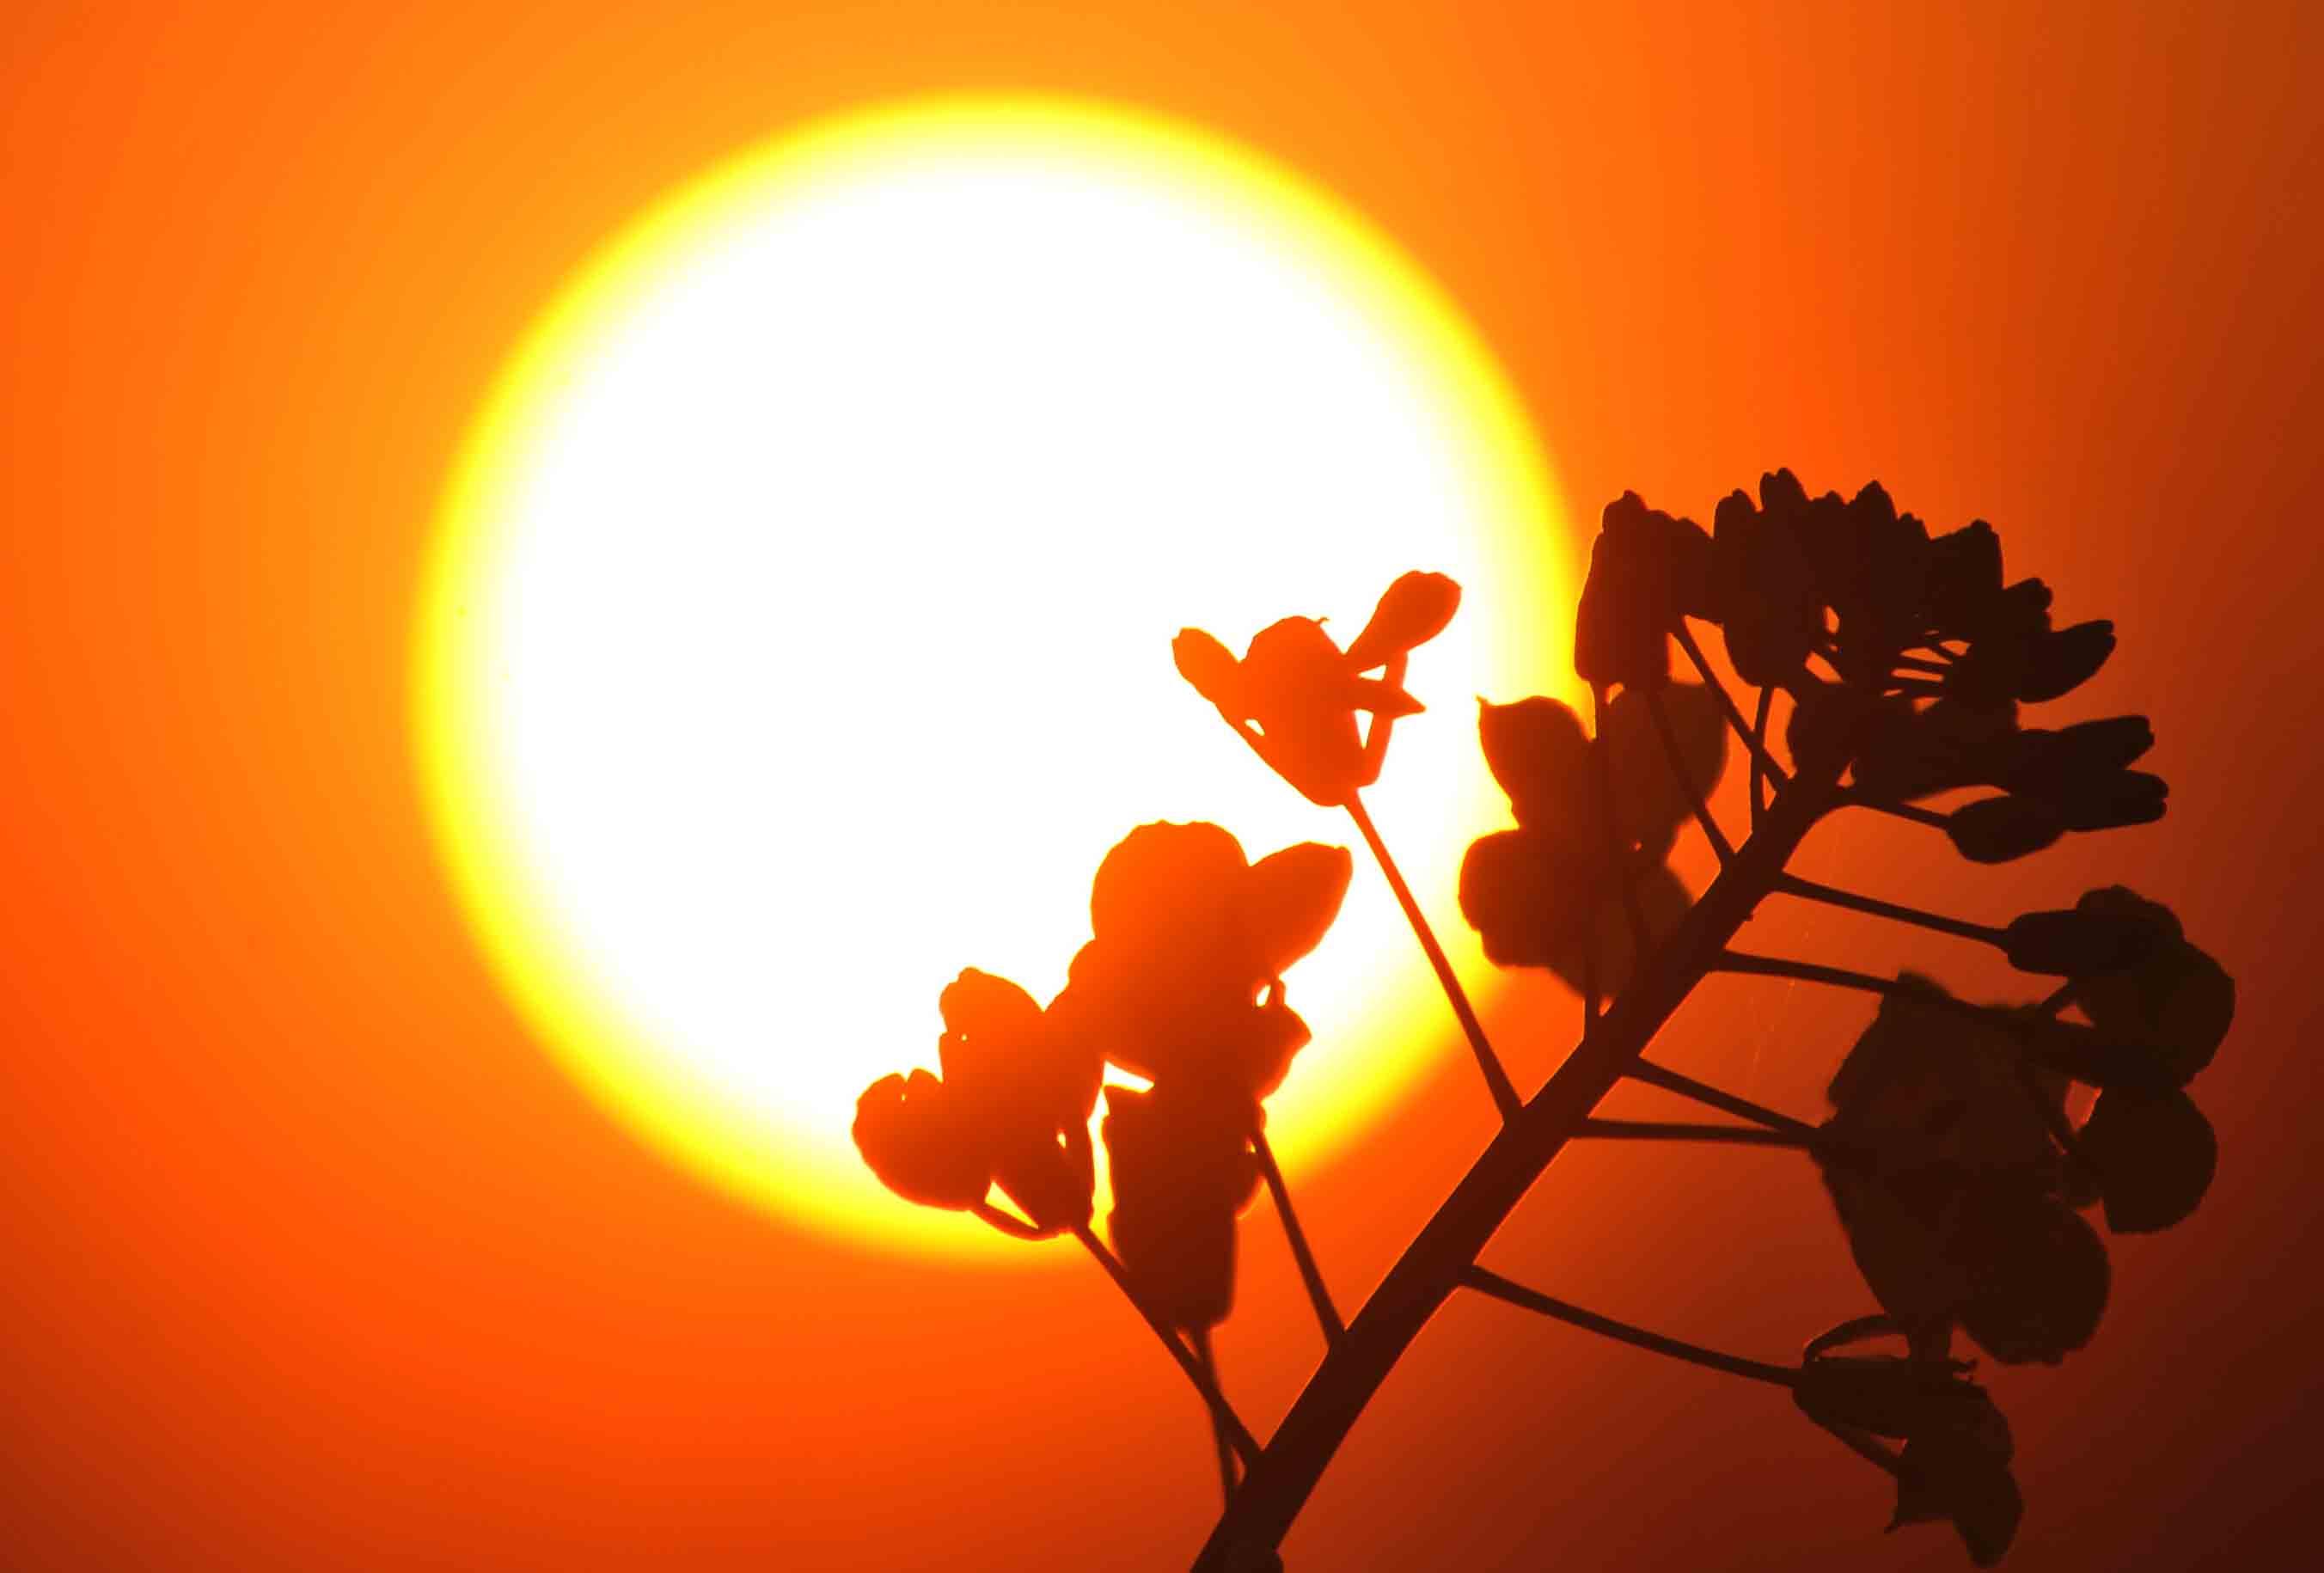 夕阳下的油菜花